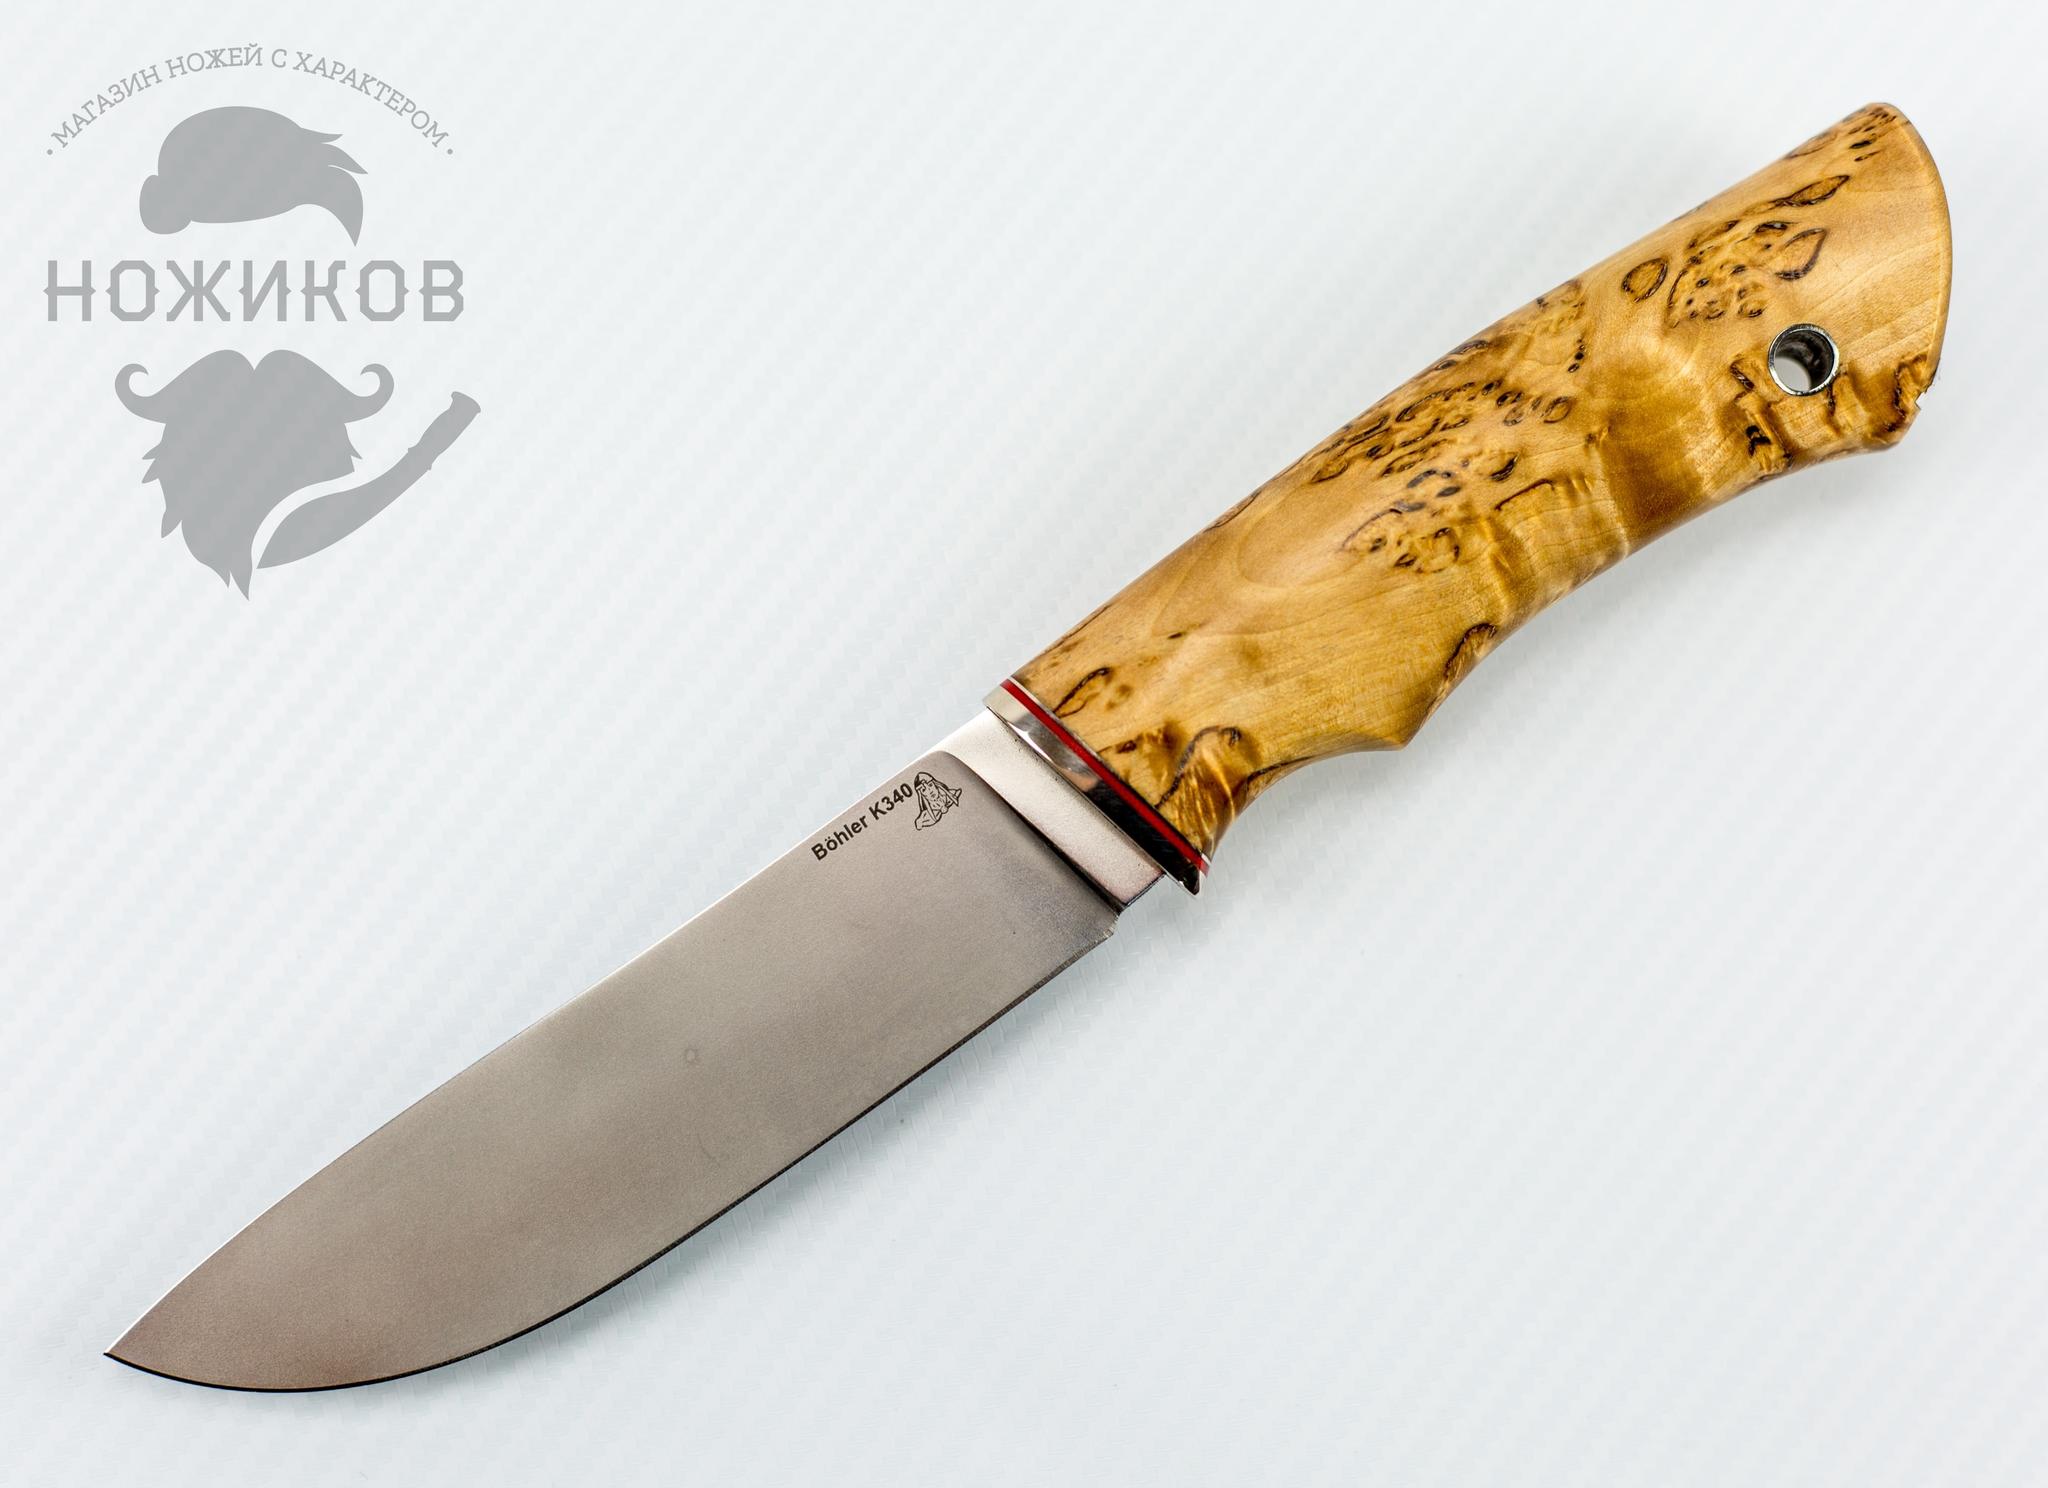 Нож Скинер, К340, мельхиор, карельская береза от ПФК Витязь